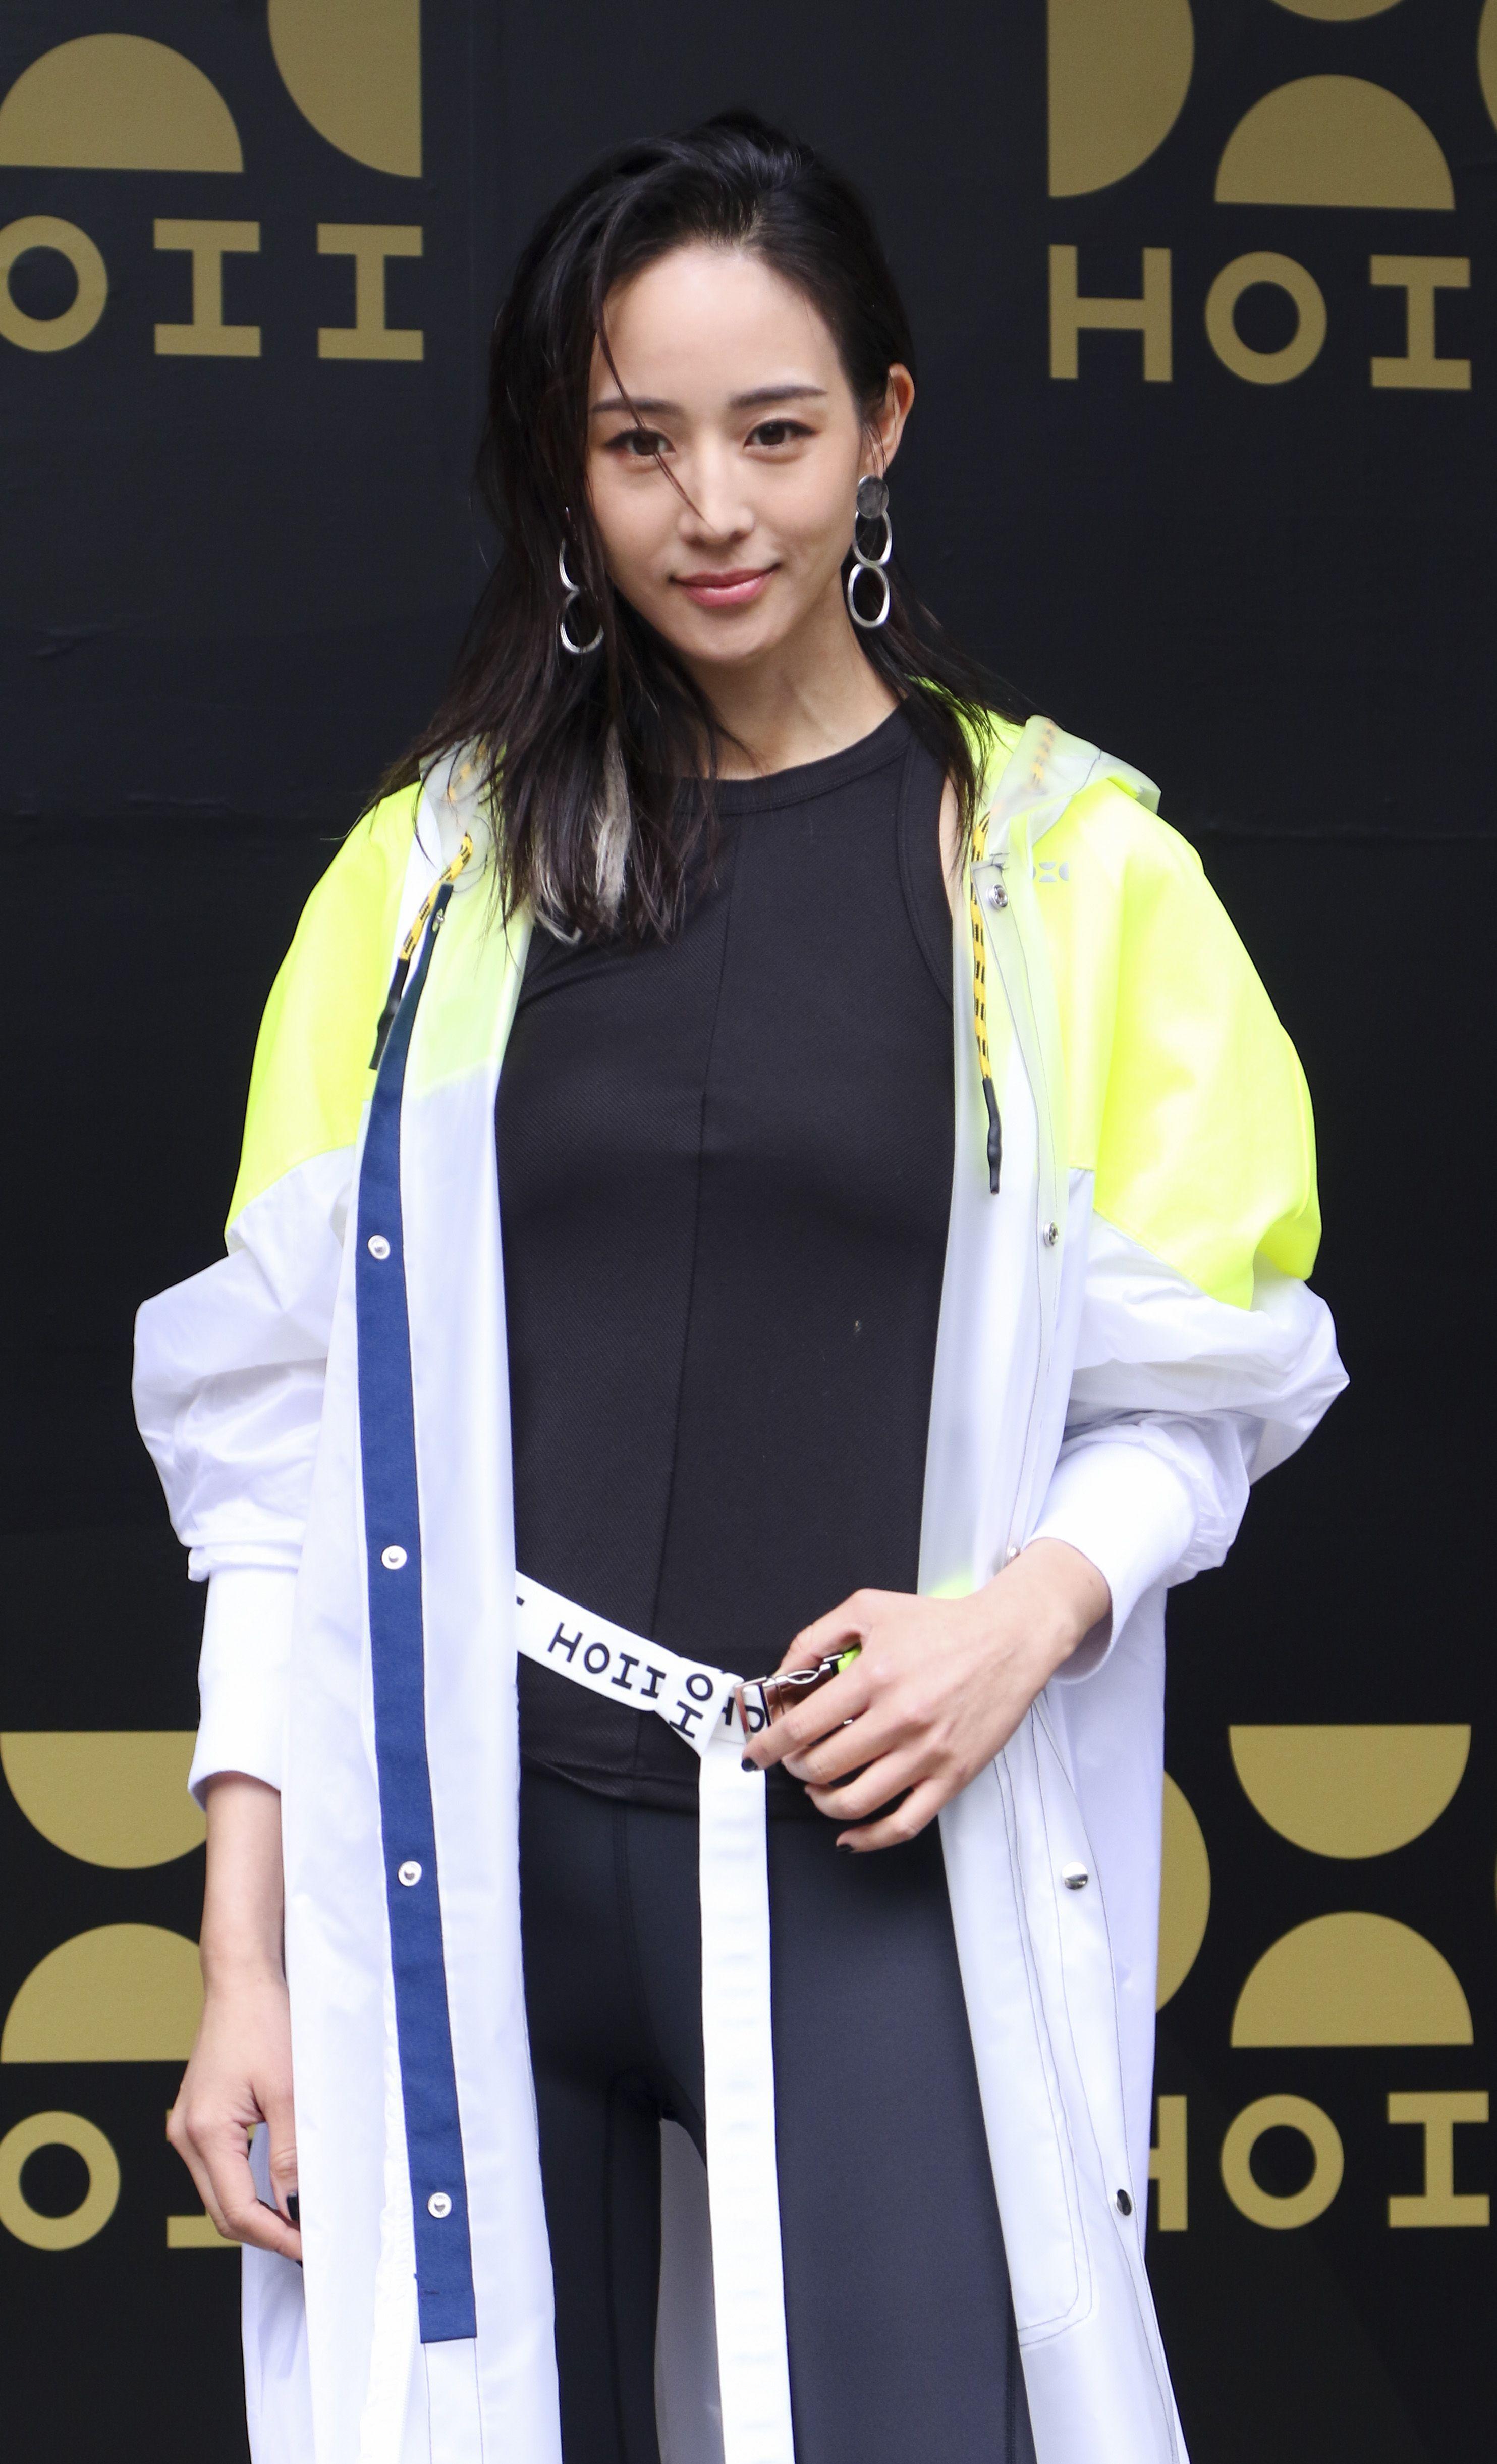 張鈞甯參加防曬品牌發表會。(記者林士傑/攝影)